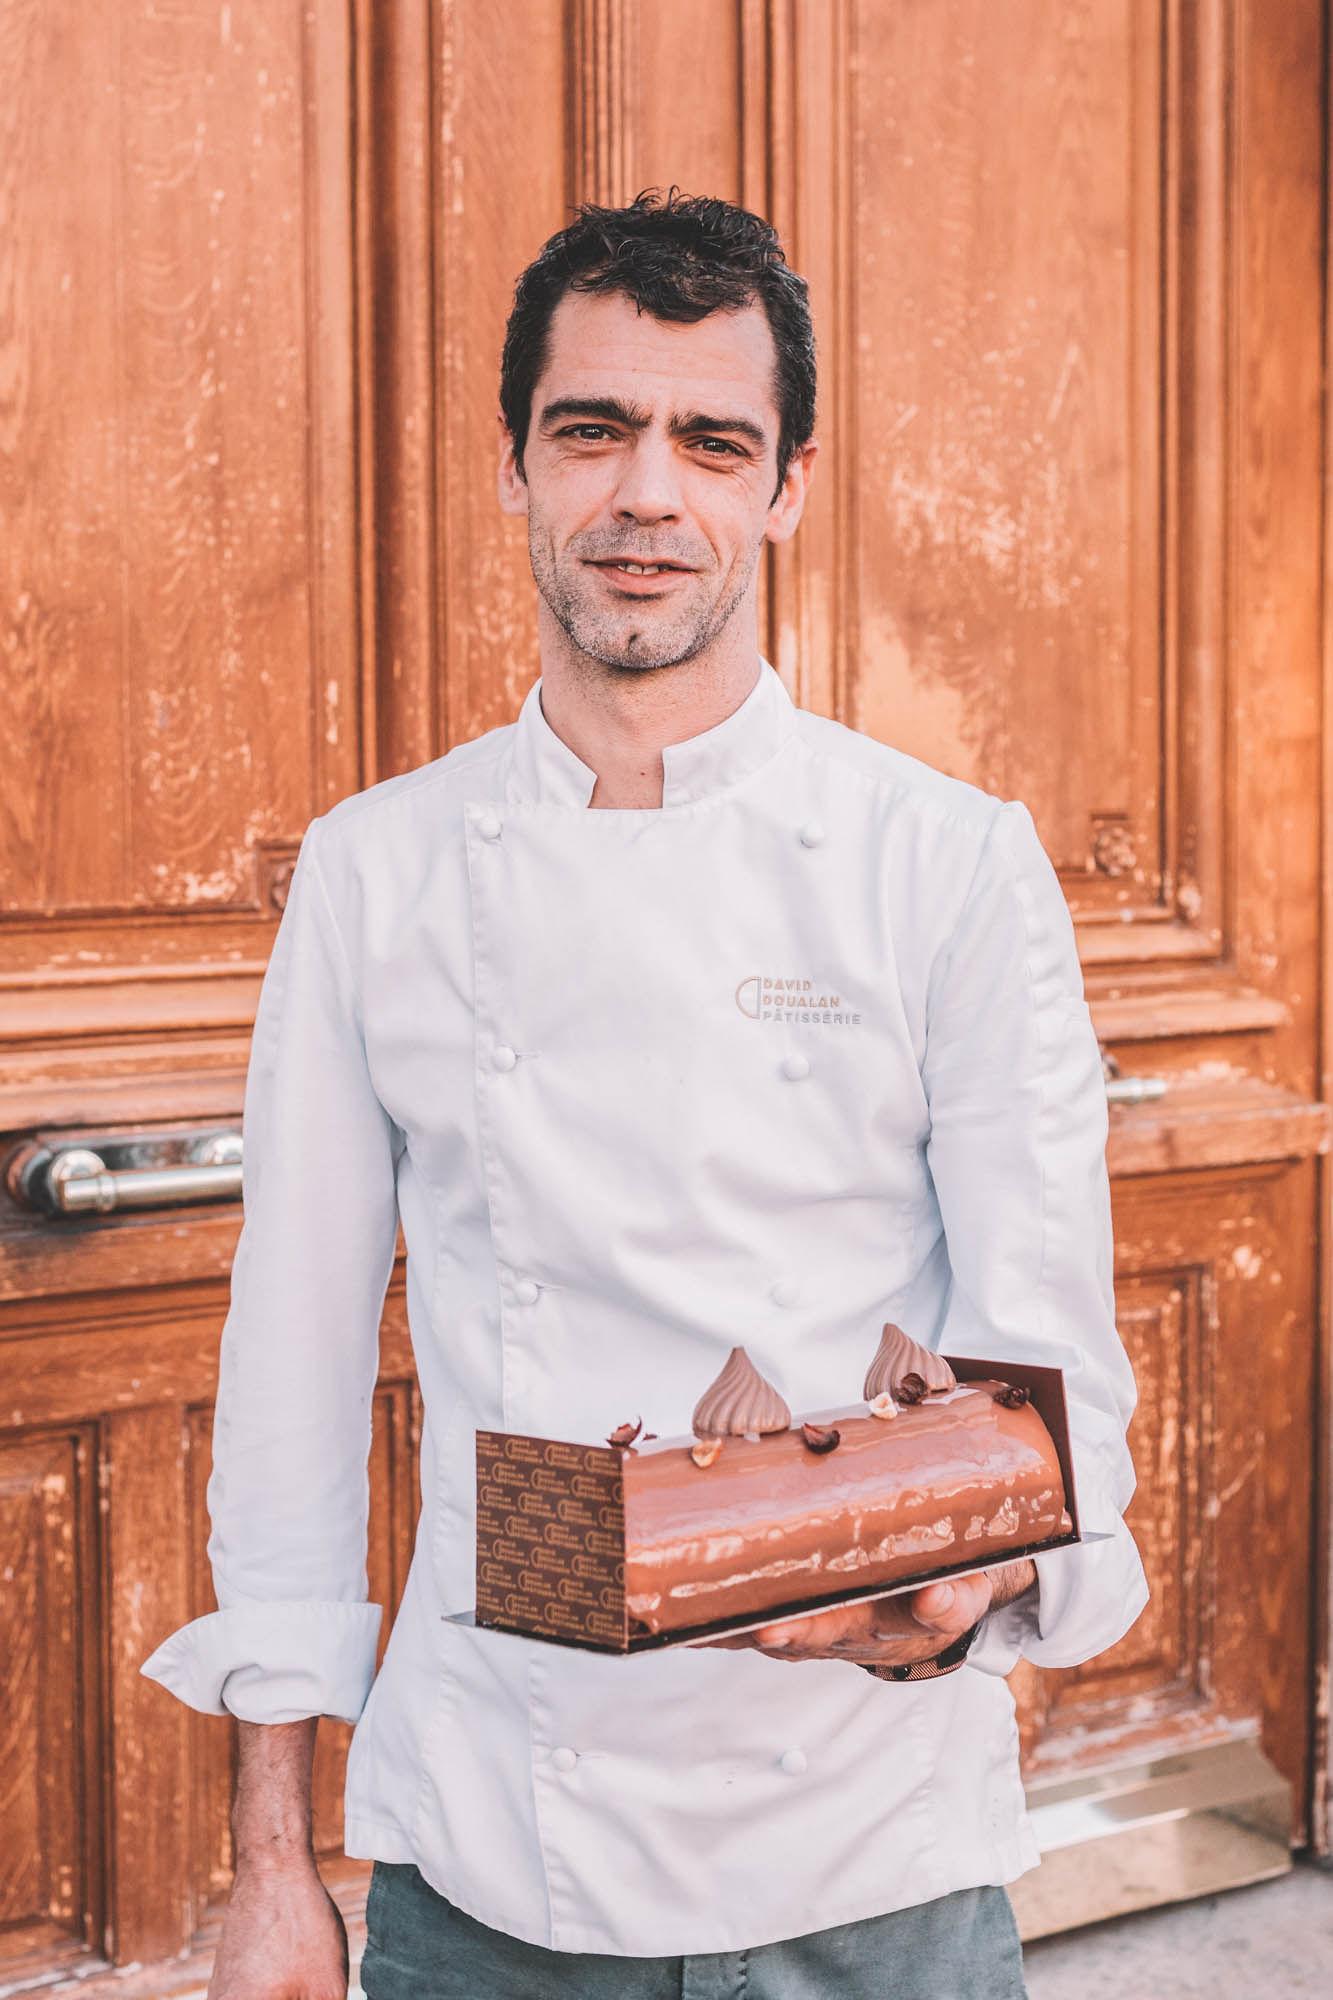 Le Chef - David Doualan